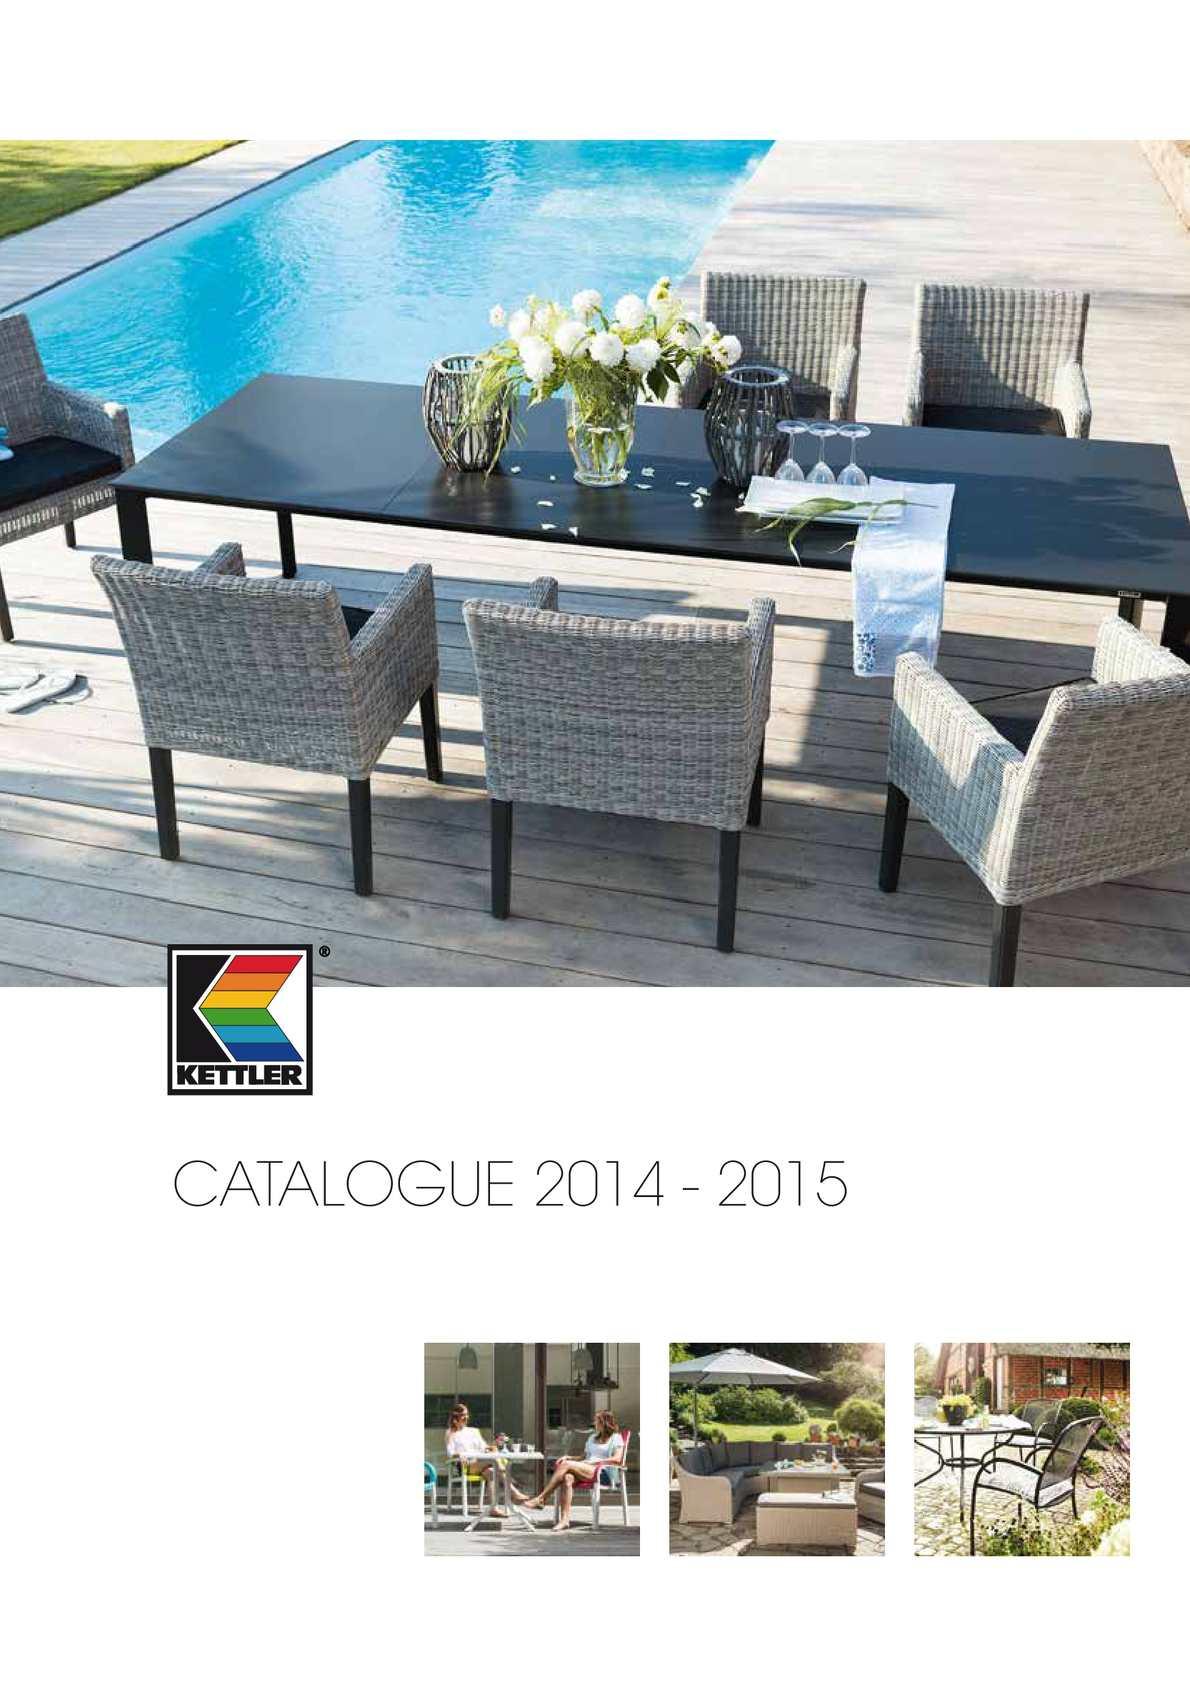 Calaméo - Catalogue kettler 2014-2015